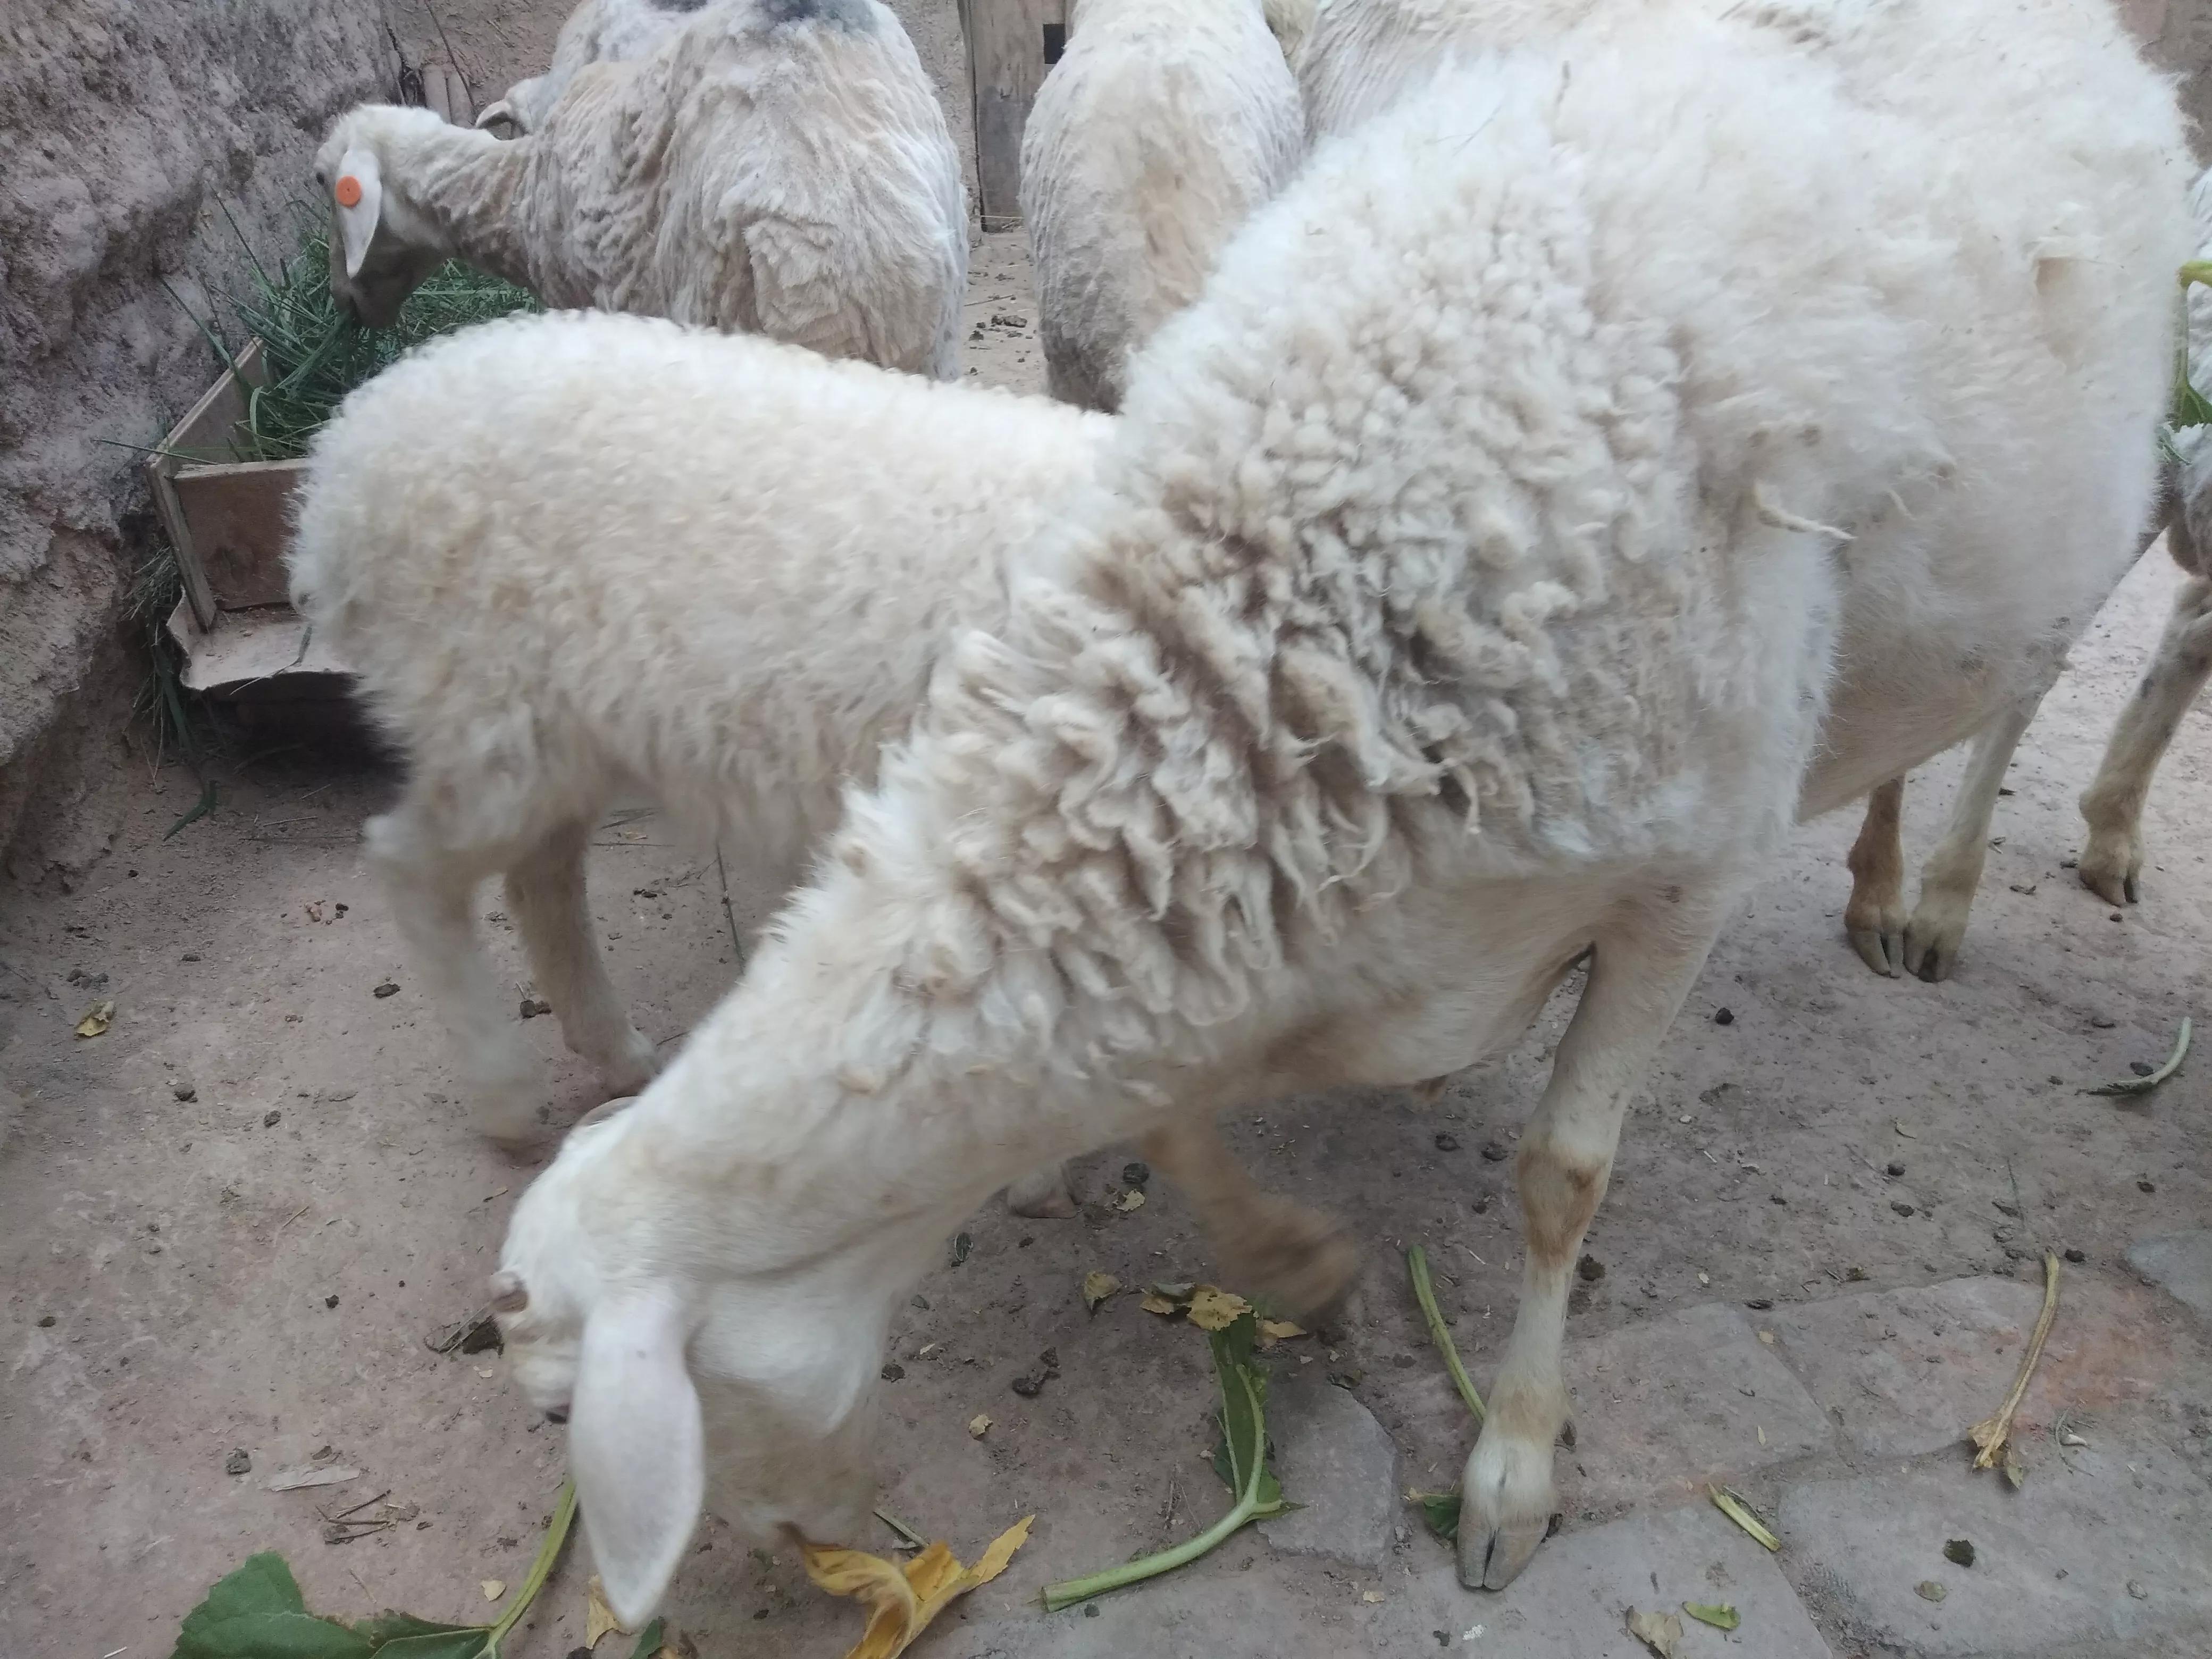 養100只羊的真實收入是多少?很多人不知道,80後小夥告訴你